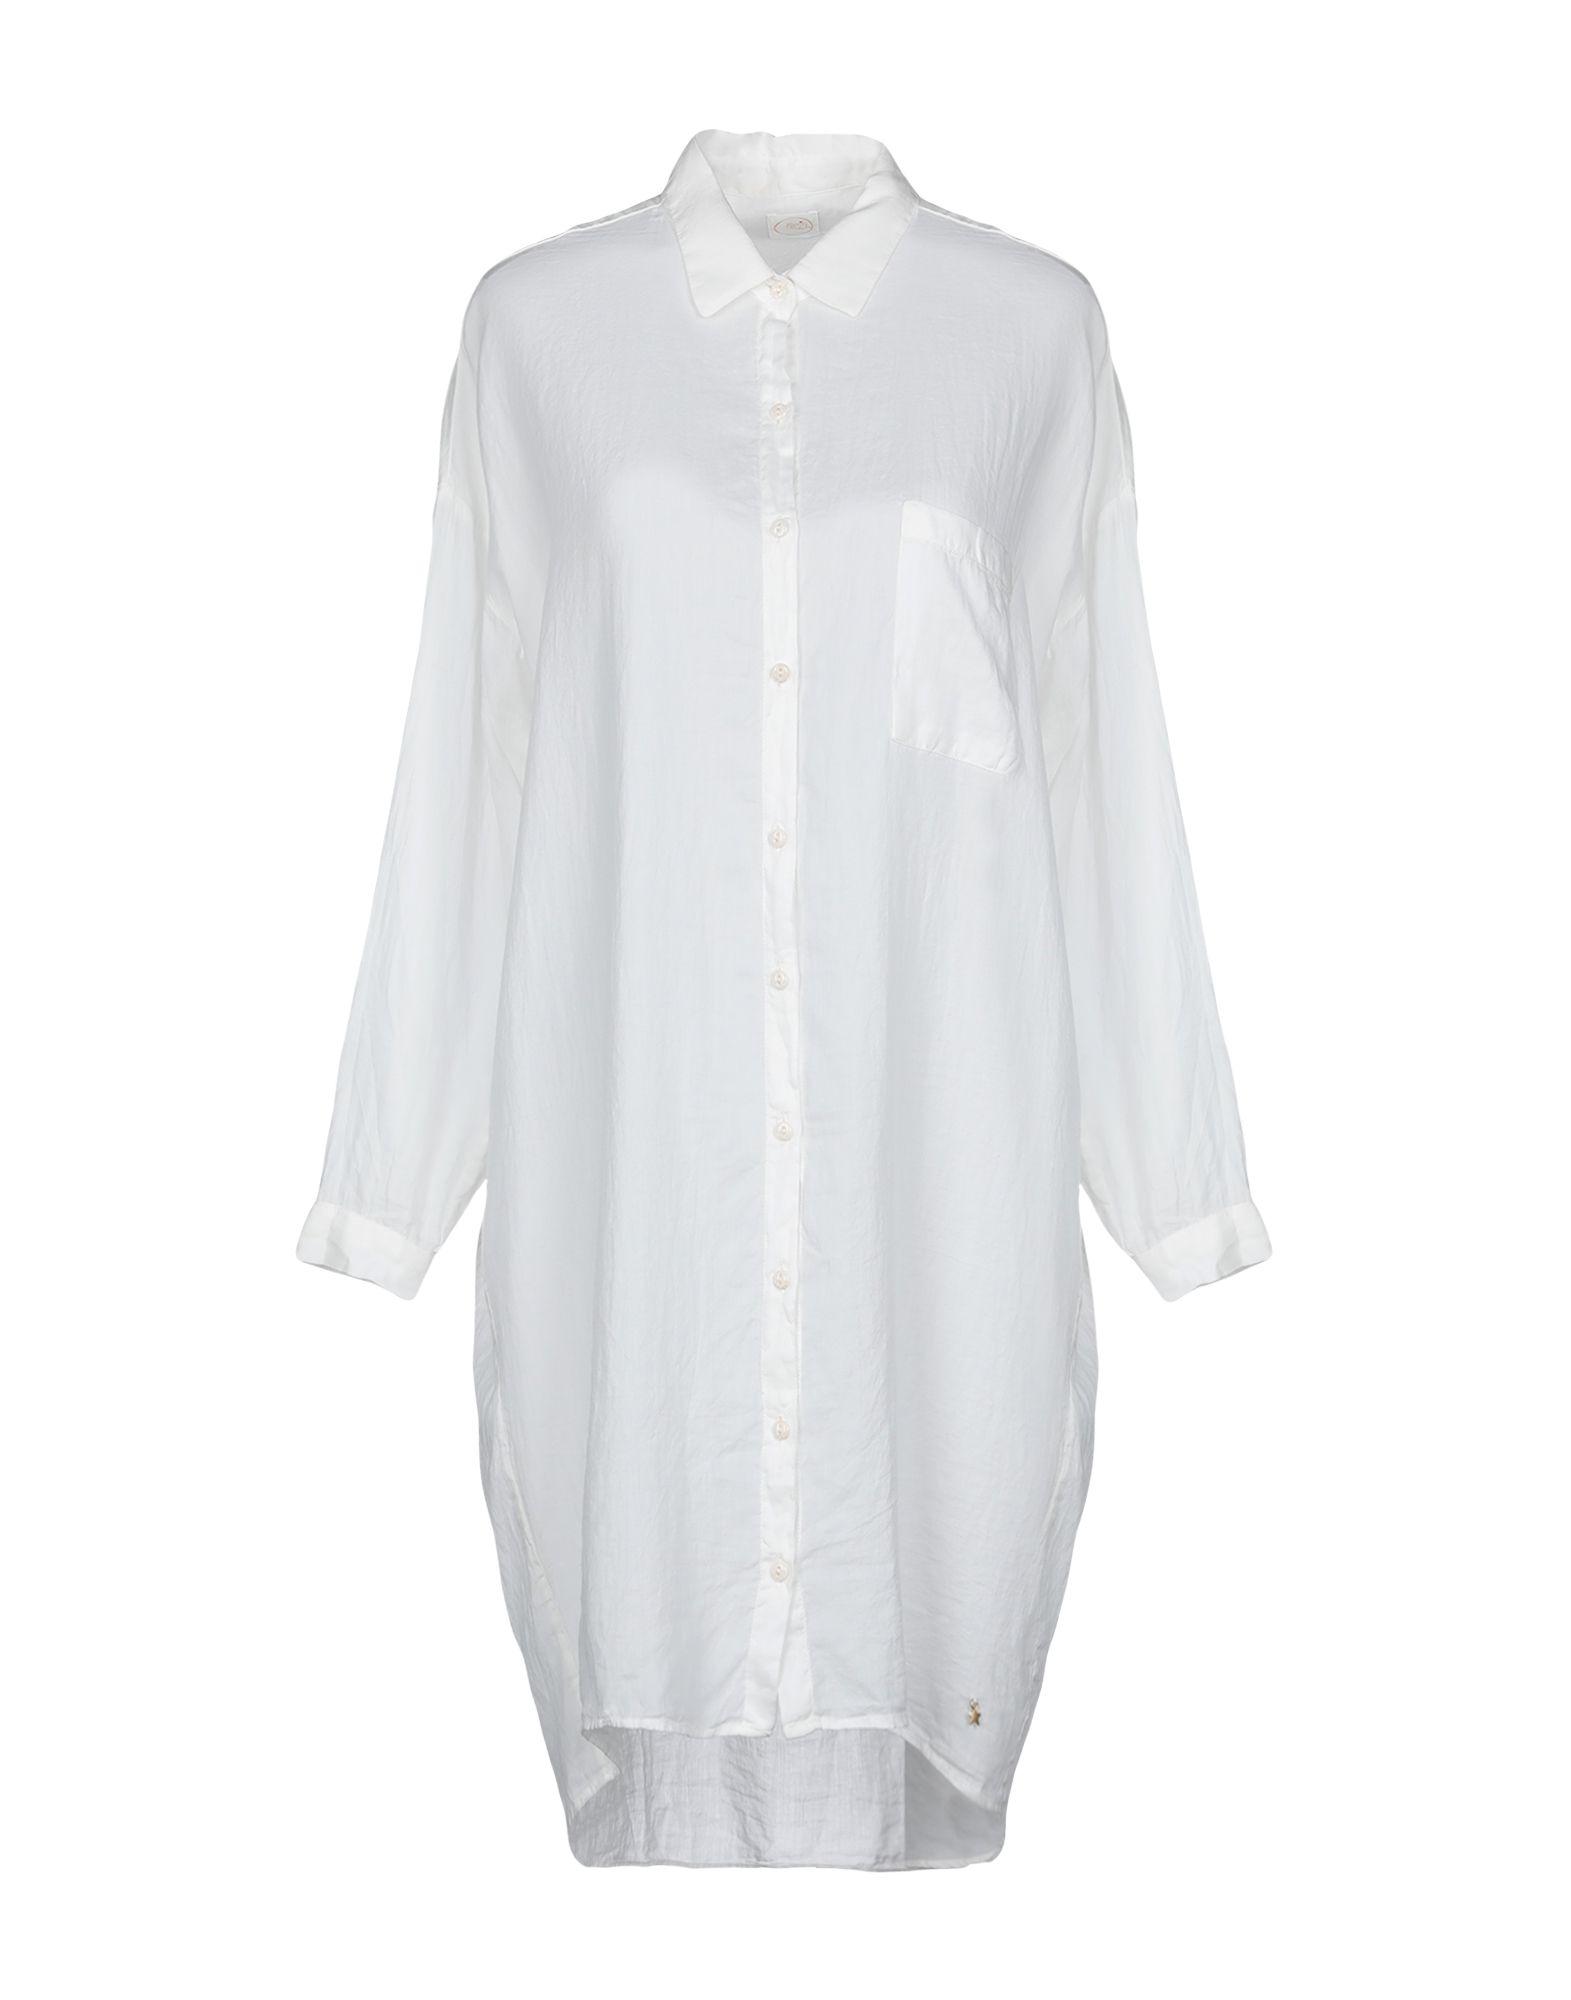 《セール開催中》DES PETITS HAUTS レディース シャツ ホワイト 0 コットン 100%